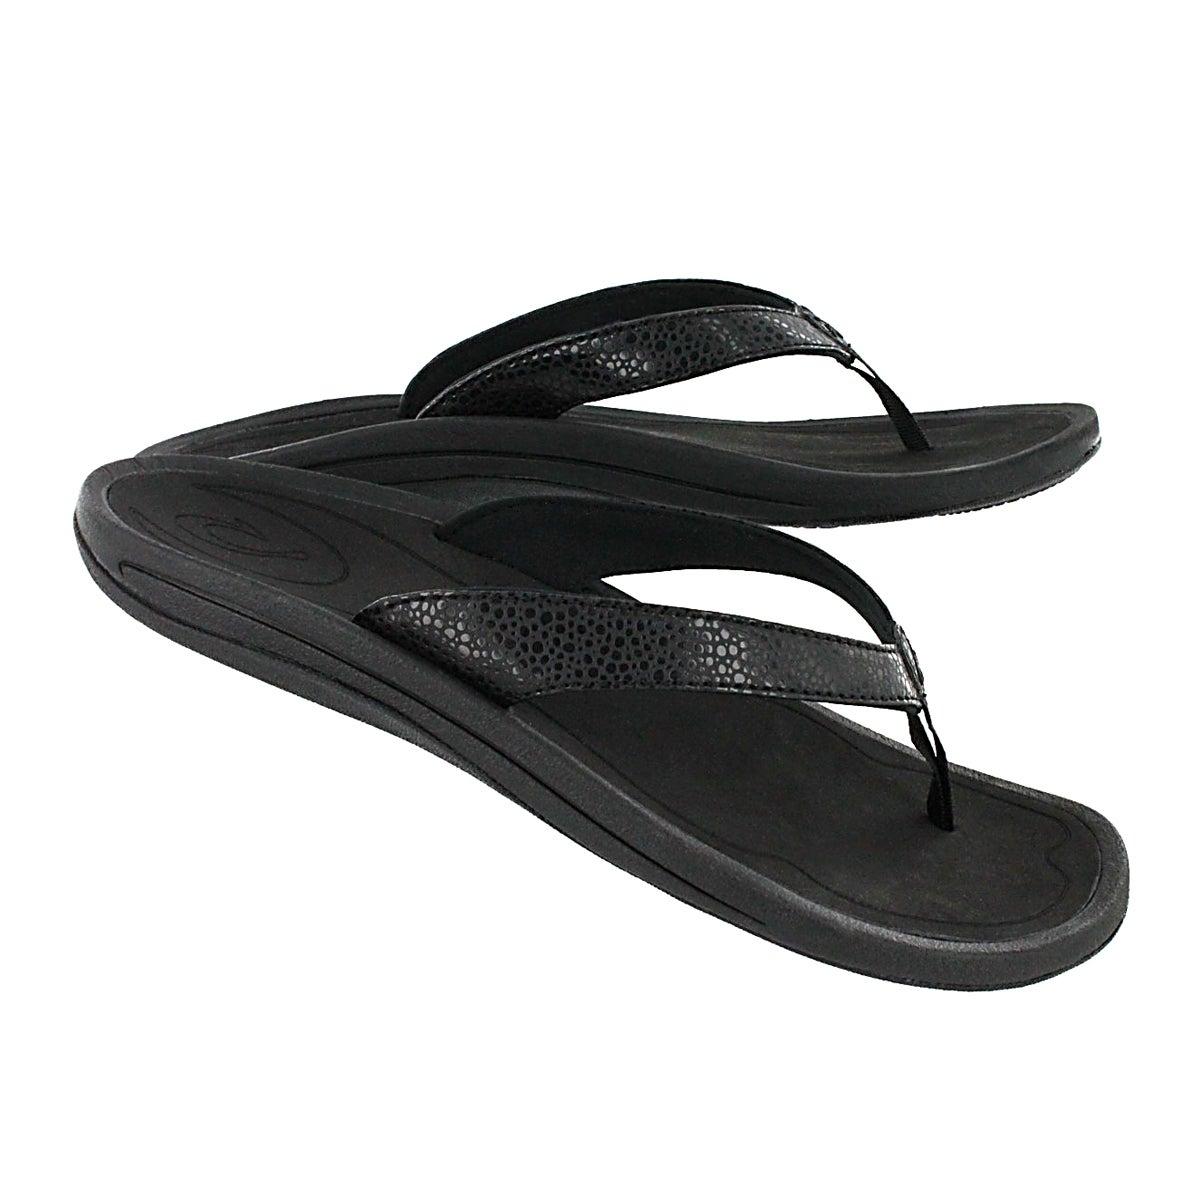 Lds Kulapa Kai black thong sandal